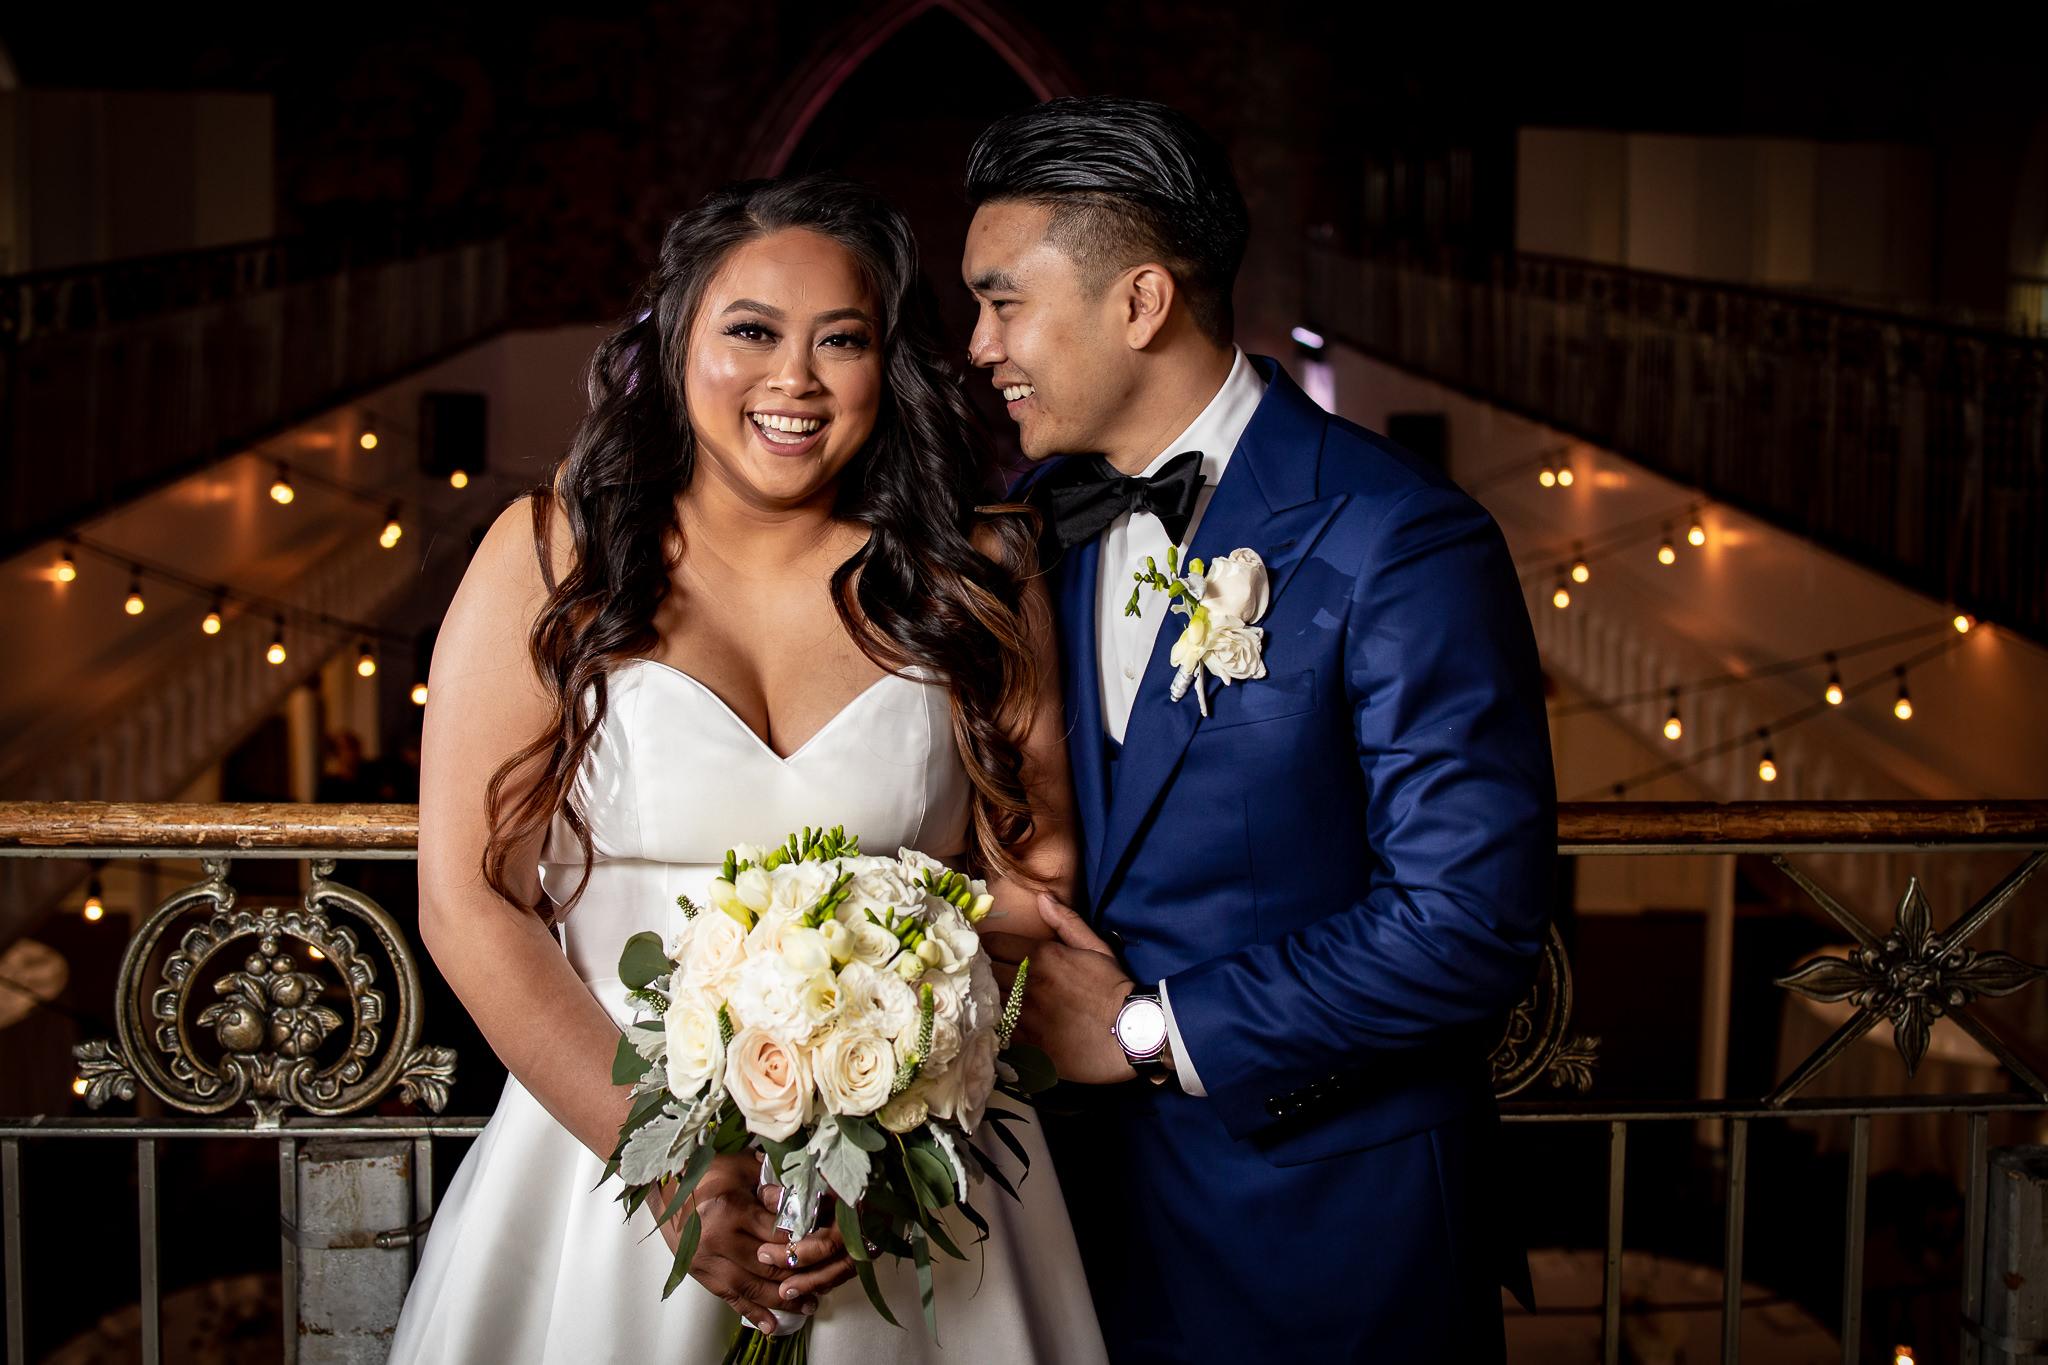 berkeley-wedding-photos-32.jpg